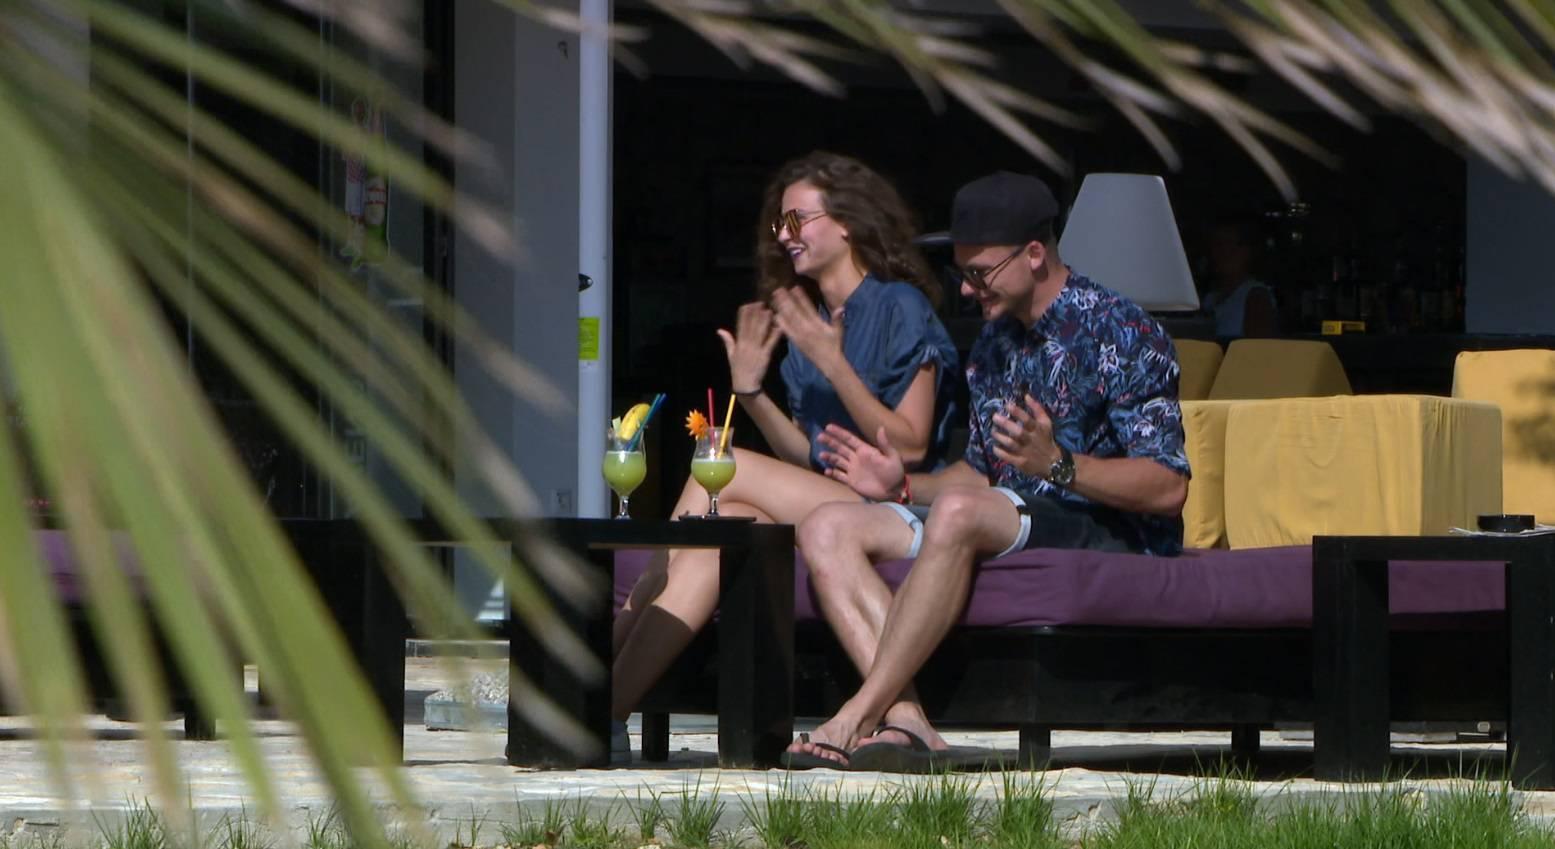 Zaljubljena Martina Bruni rekla što osjeća, on i dalje frustriran